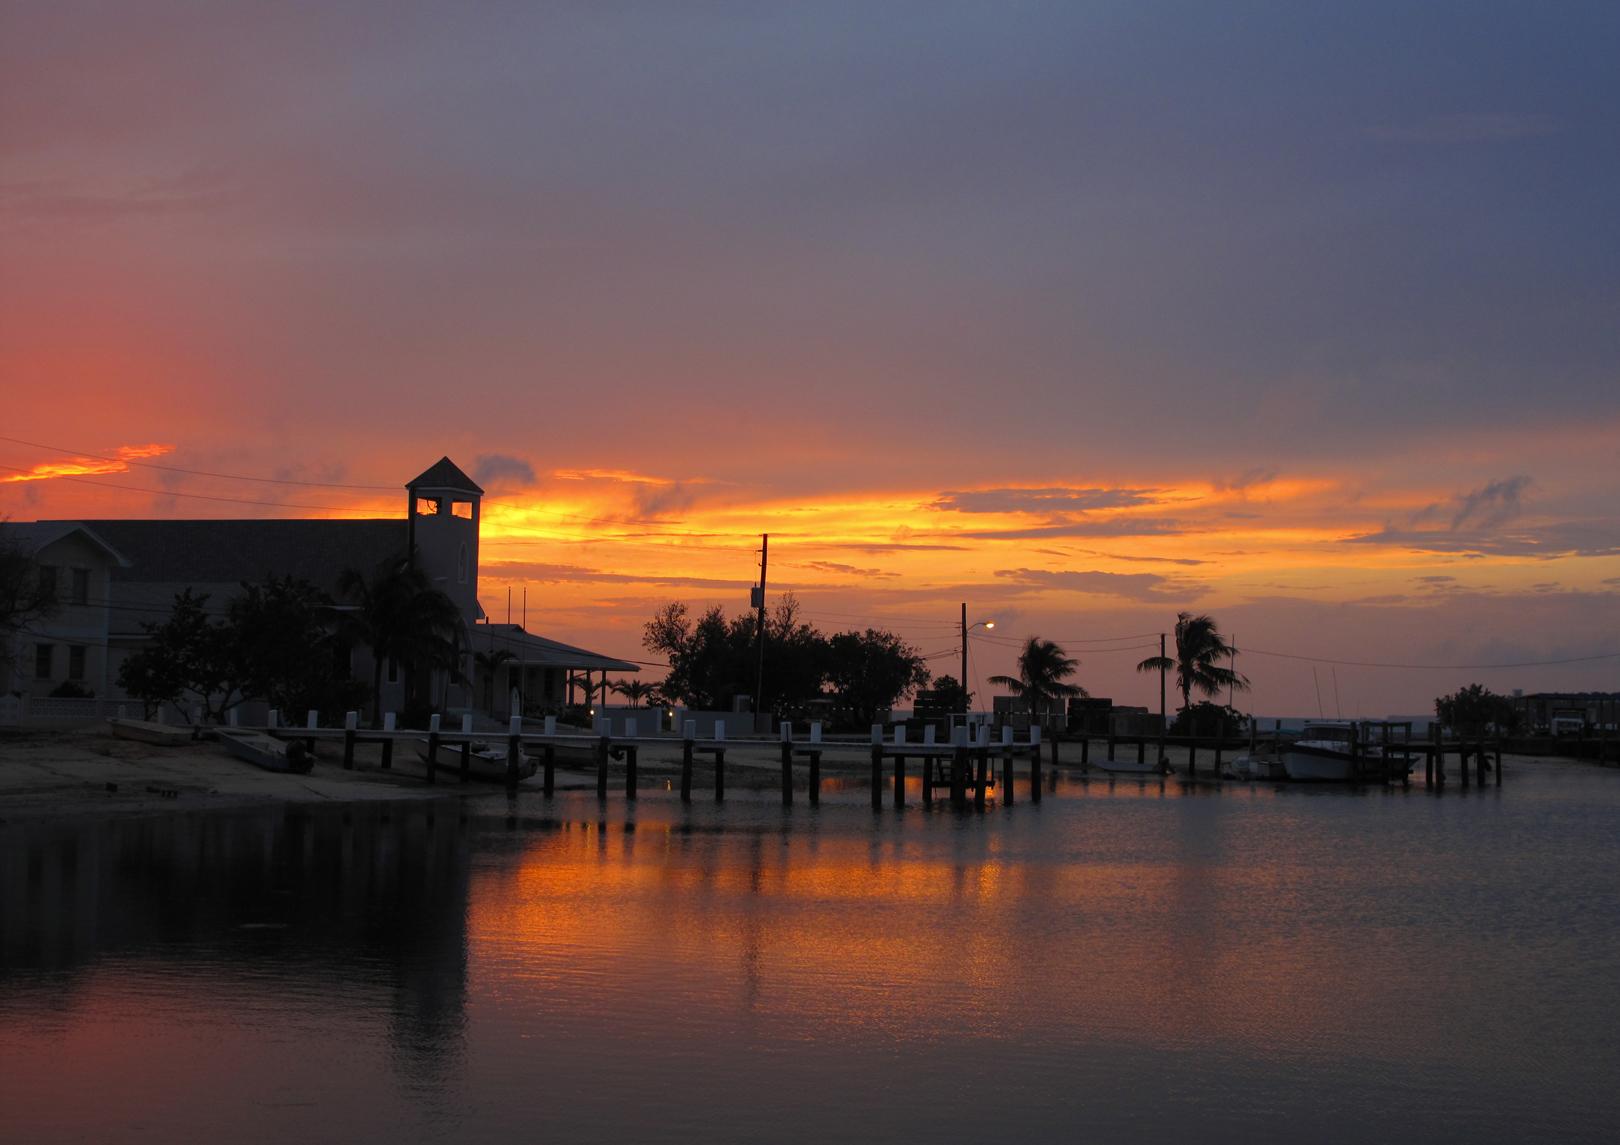 Last sunset, last photo